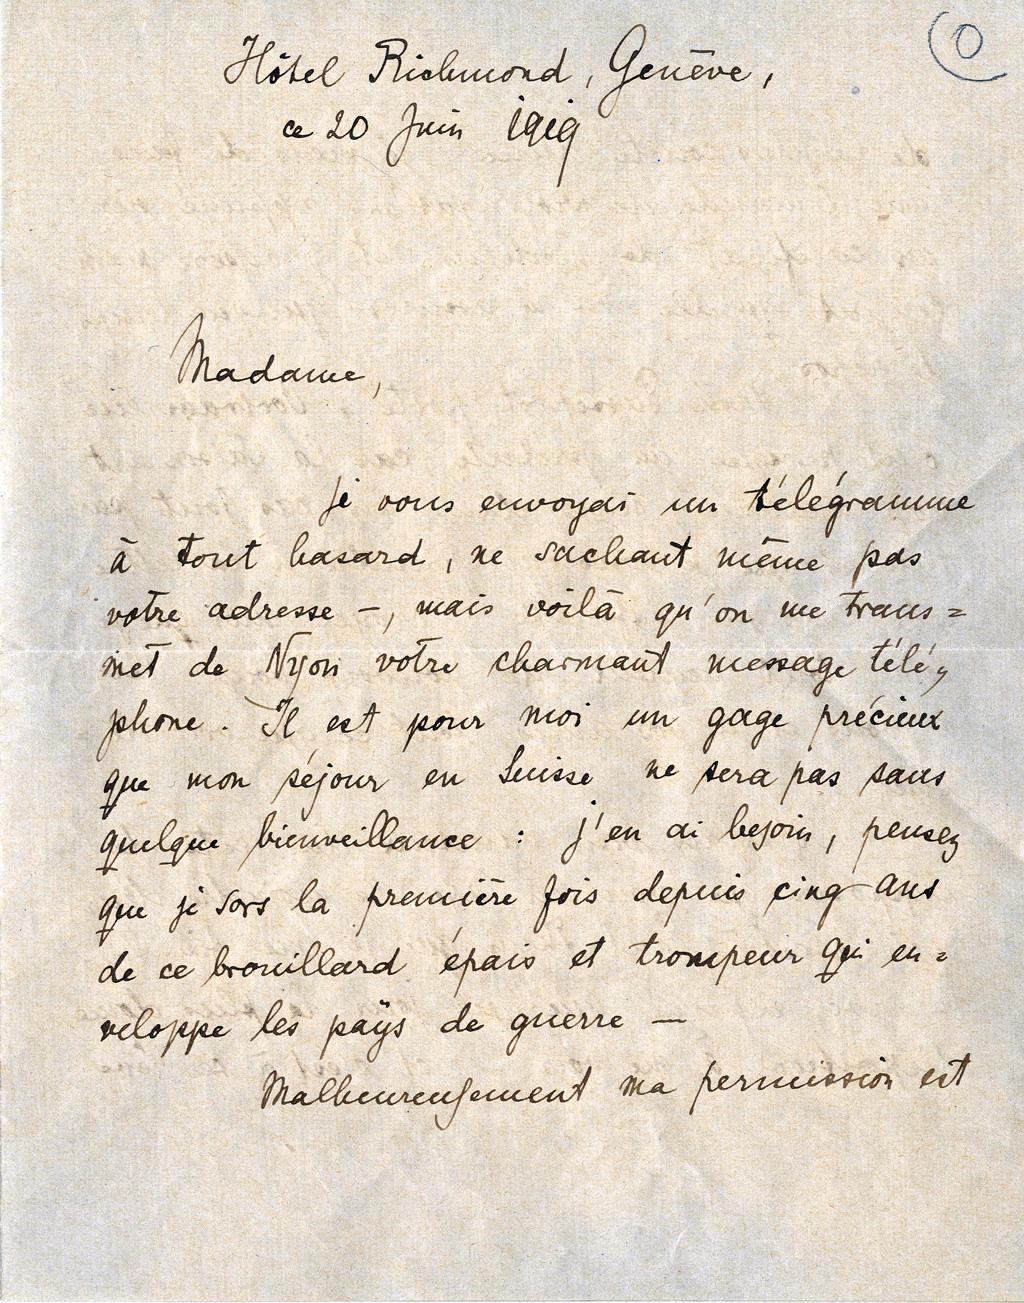 Lettre de Rilke à Yvonne de Wattenwyl, 20 juin 1919